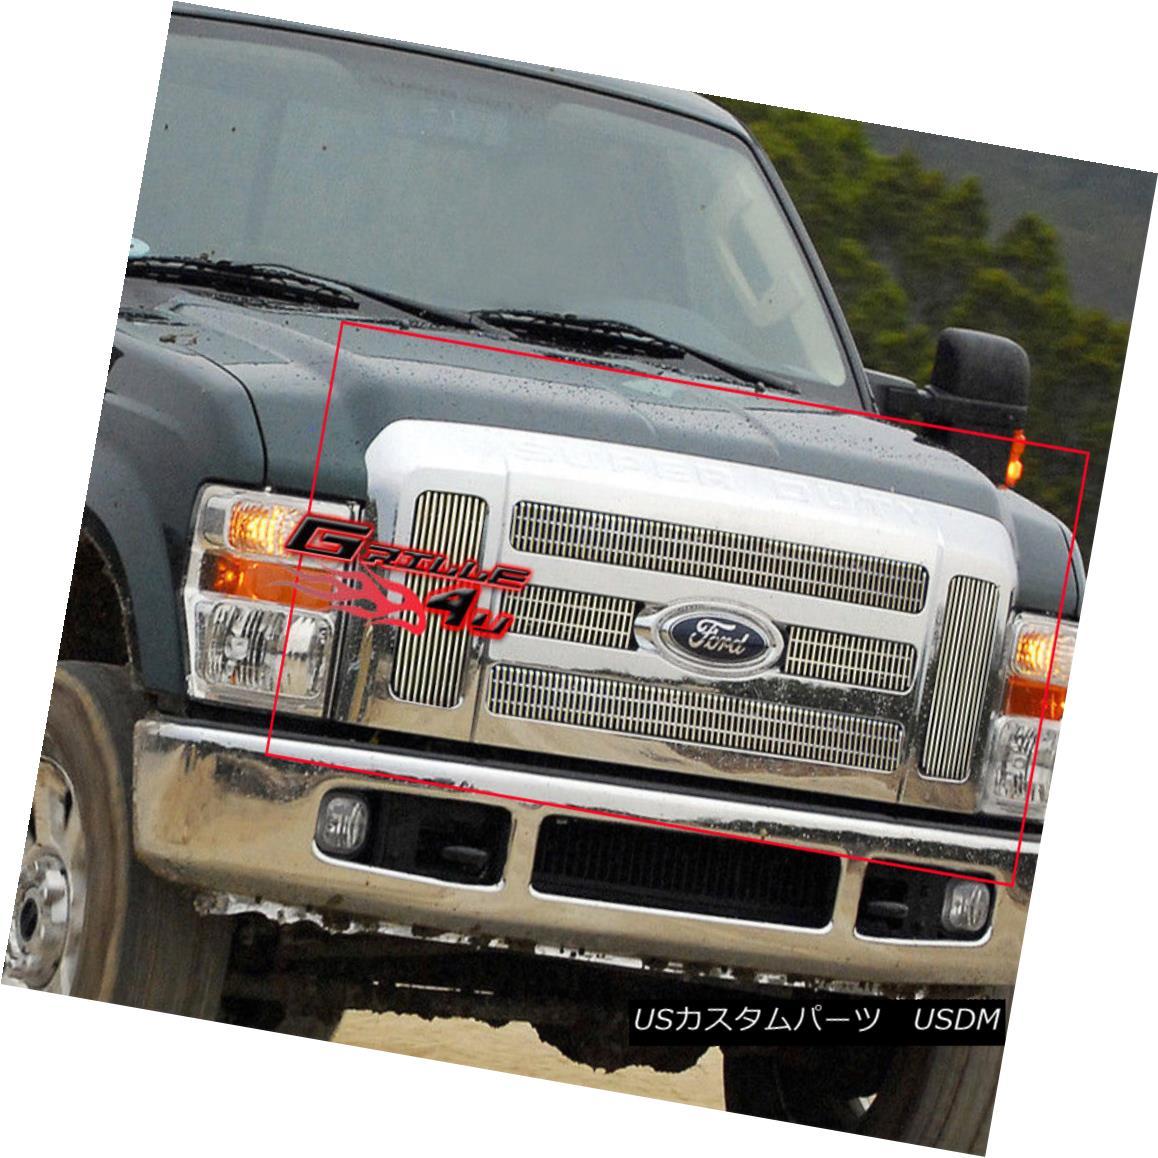 グリル Fits 2008-2010 Ford F-250/F-350 SD Vertical Billet Grille Insert フィット2008-2010フォードF-250 / F-350 SD垂直ビレットグリルインサート